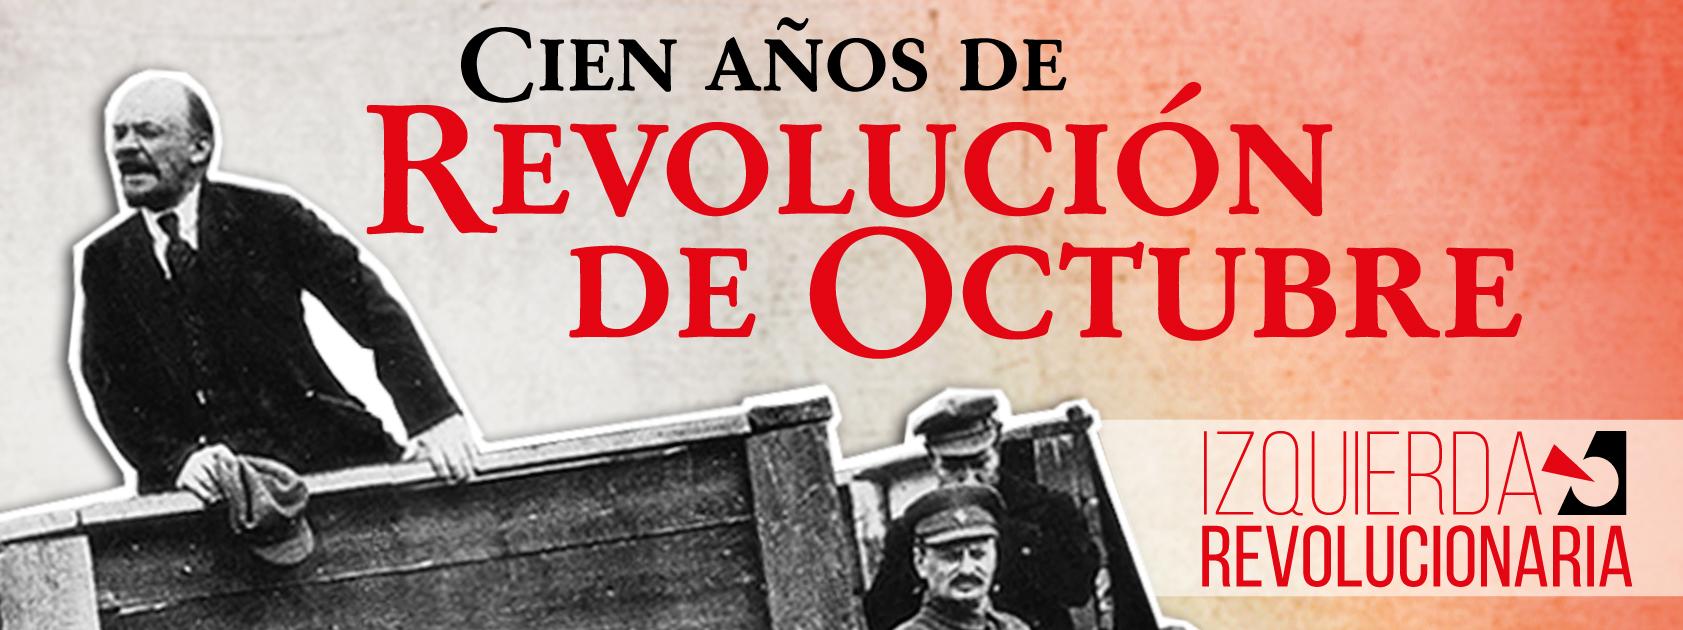 Resultado de imagen para aniversario revolucion octubre